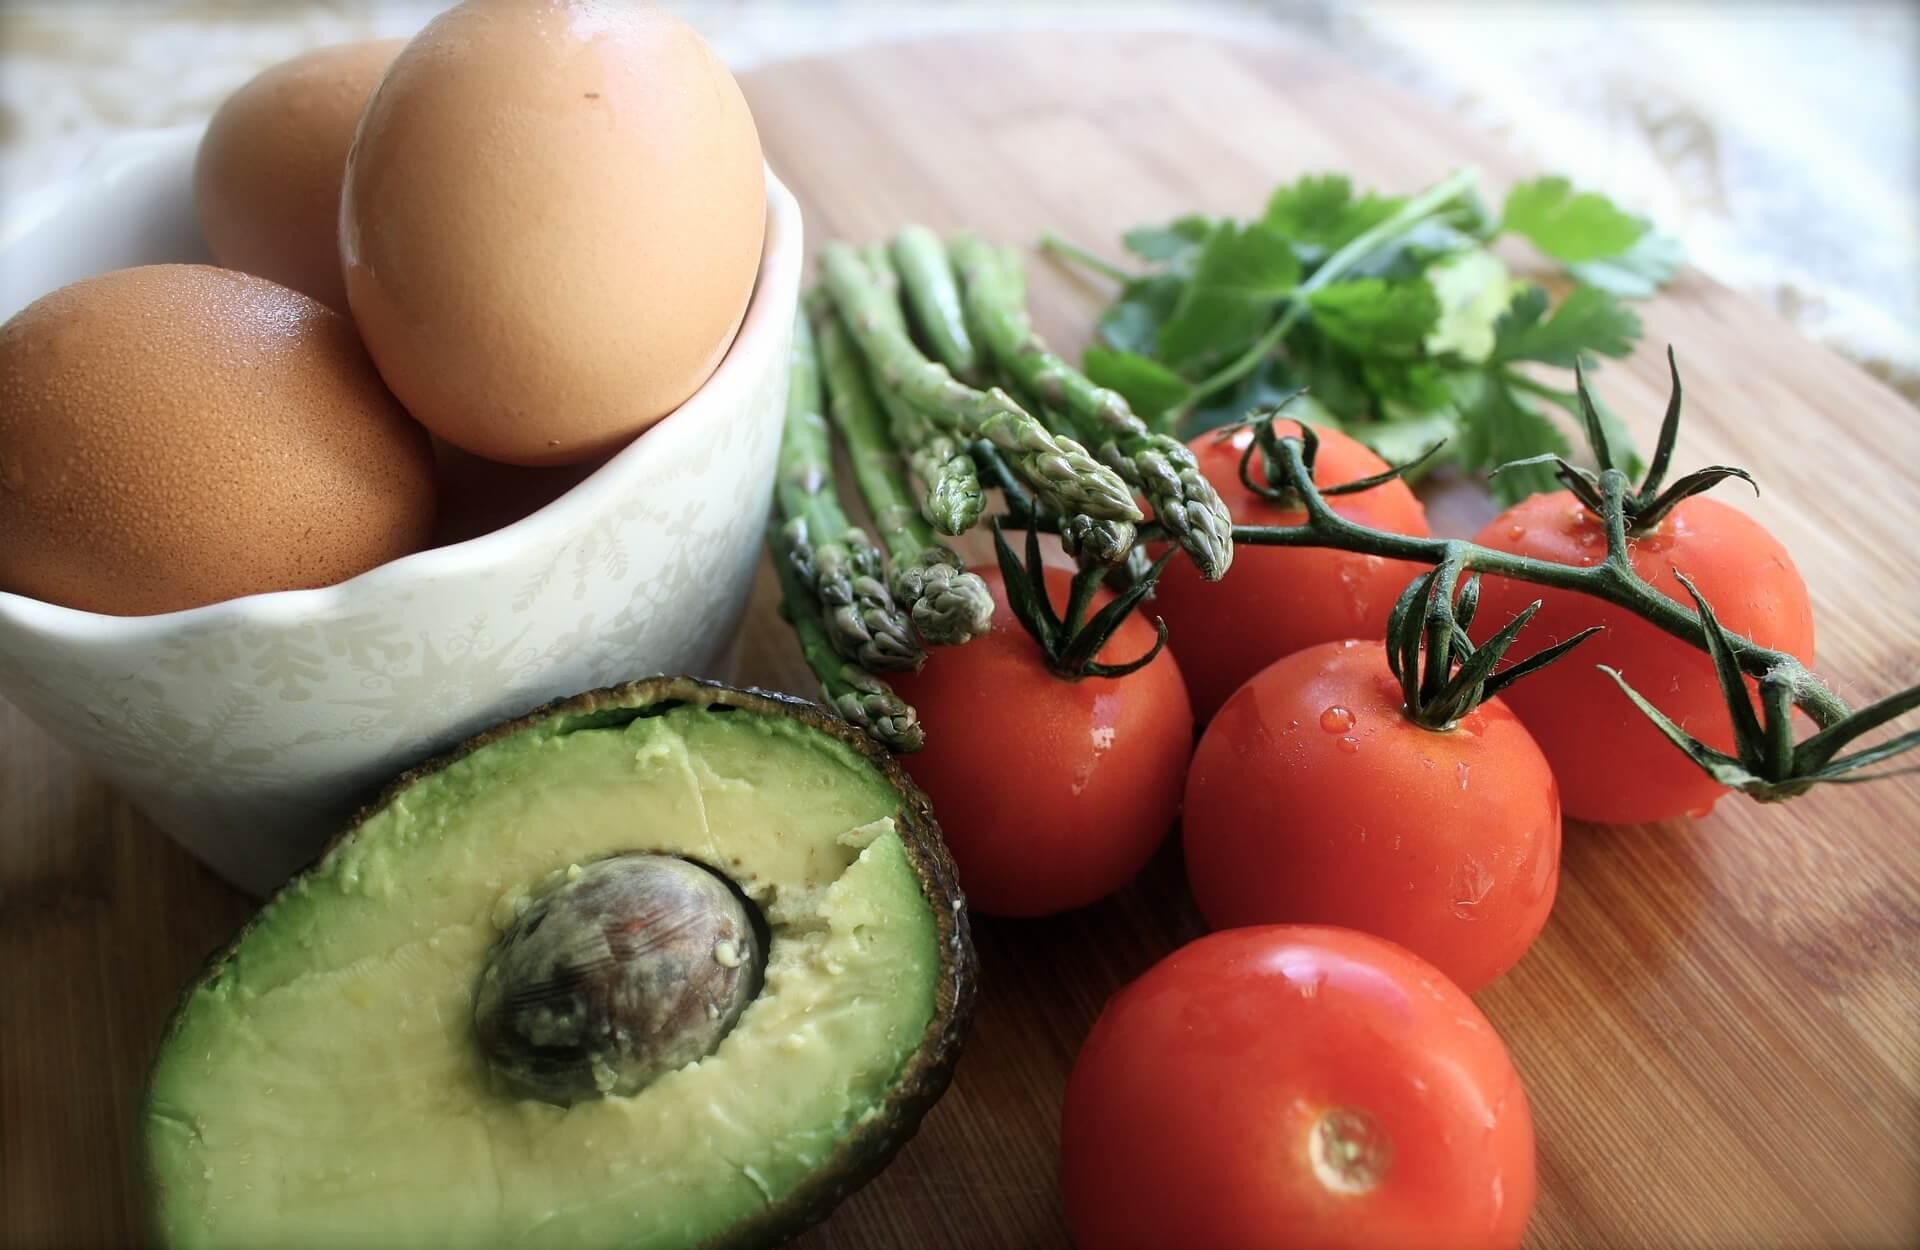 Eier gesund oder ungesund